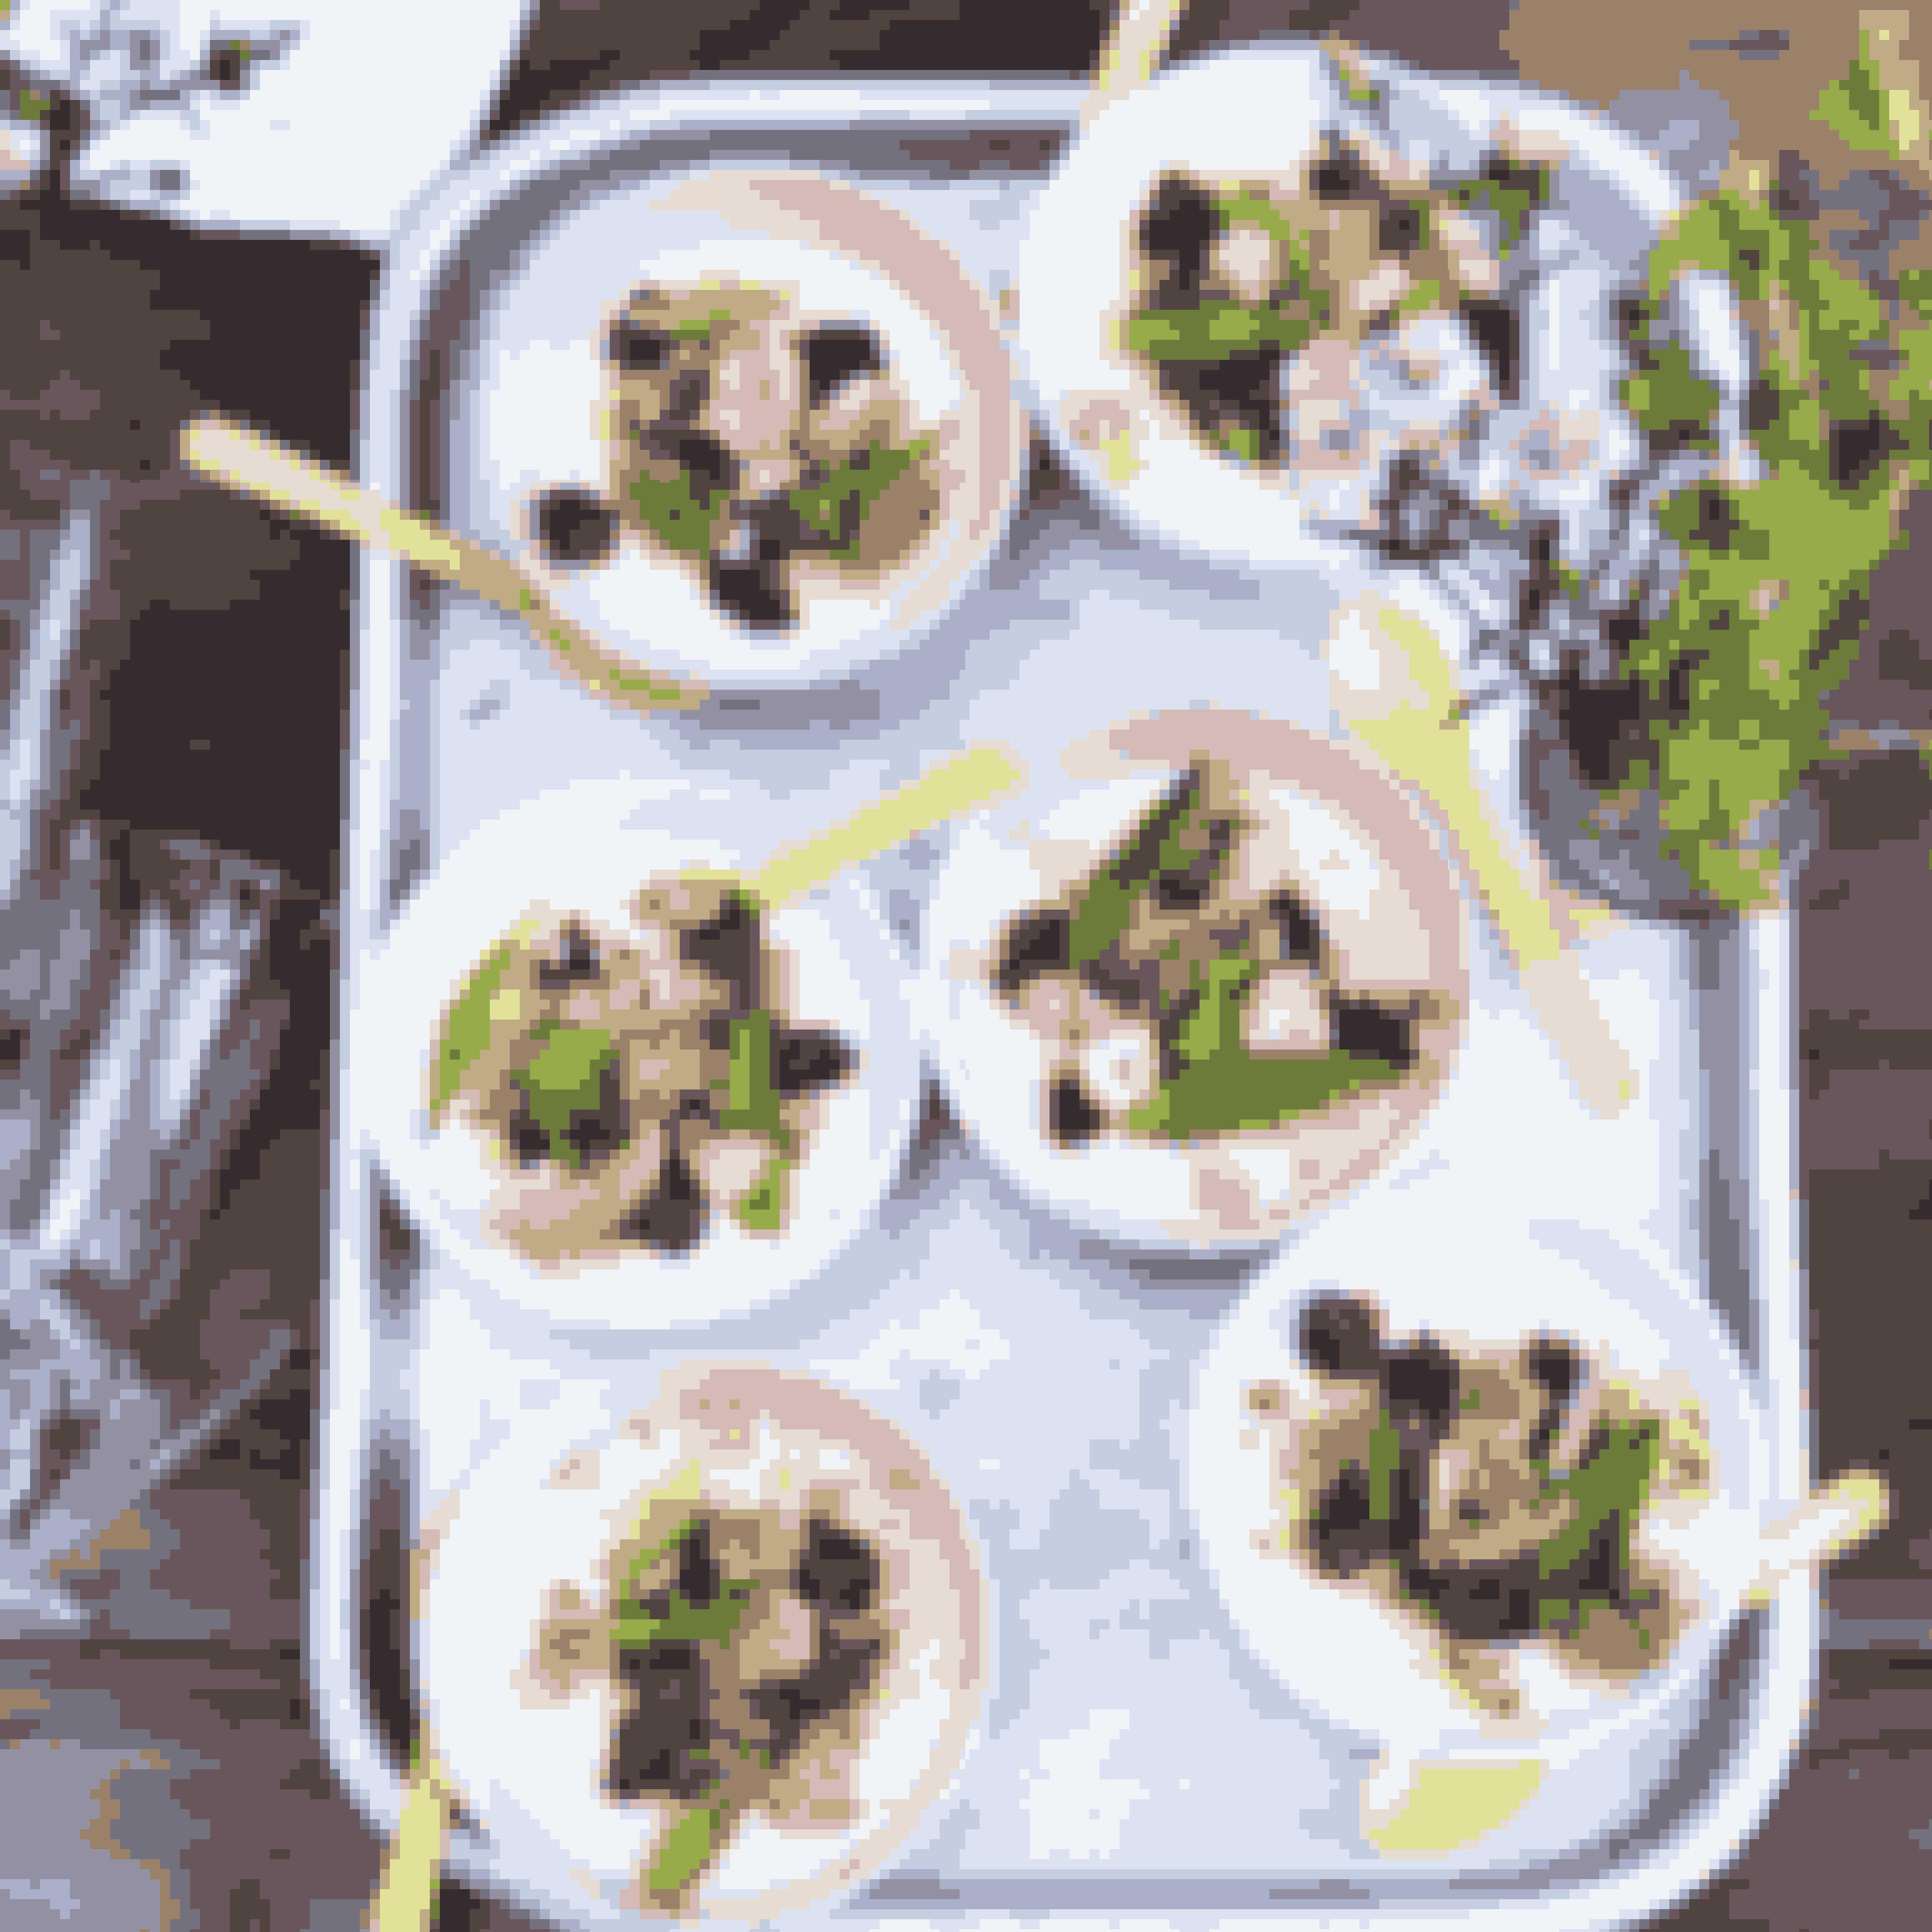 Det skal du bruge til koldskålcreme med vanilje, hindbær og lakridsmakronerAntal: 10 personer2 vaniljestænger150 g sukker5 dl fløde 38 %4 blade husblas5 dl kærnemælk100 g makroner1 spsk lakridspulver200 g hindbærSådan laver dukoldskålcreme med vanilje, hindbær og lakridsmakronerFlæk vaniljestængerne på langs, skrab kernerne ud, og bland dem godt med sukkeret.Hæld sukker, vaniljestænger og fløde i en gryde, kog op, og lad det simre i 15 minutter.Tag fløden af varmen, udblød husblassen i koldt vand, og smelt den i den varme fløde.Sigt så fløden, og køl den ned så den bare er lun, inden du rører kærnemælken i.Hæld flødeblandingen i 10 små skåle eller glas, og sæt dem på køl i mindst 3-4 timer.Knus makronerne let, og vend dem med lakridspulveret.Anret kærnemælkscremen med hindbær, lakridsmakroner og et par blade citronverbena.